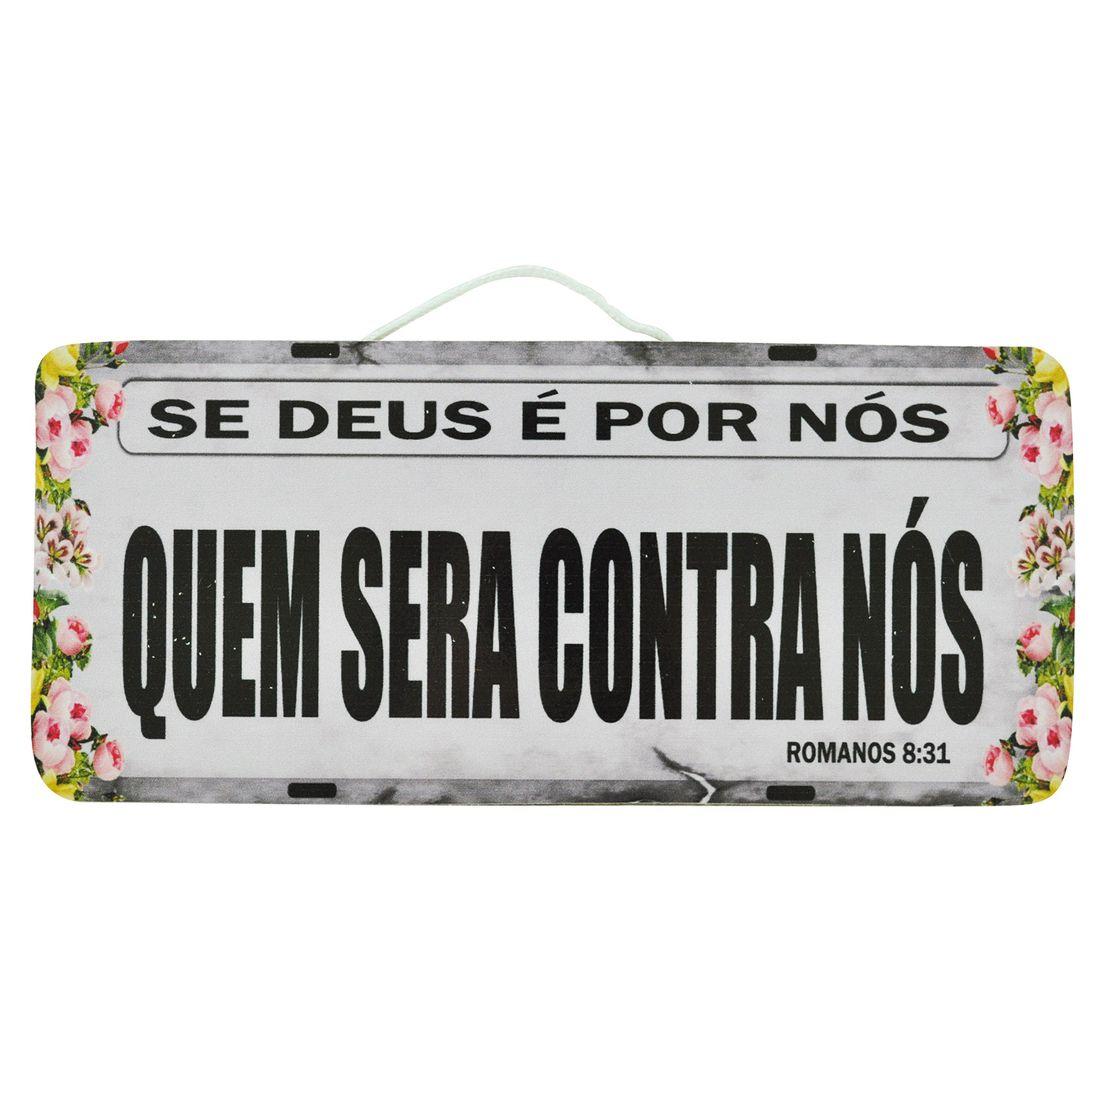 PLACA_CARRO_SE_DEUS_E_POR_NOS_QUEM_SERA_CONTRA_NOS_MDF_FRENTE